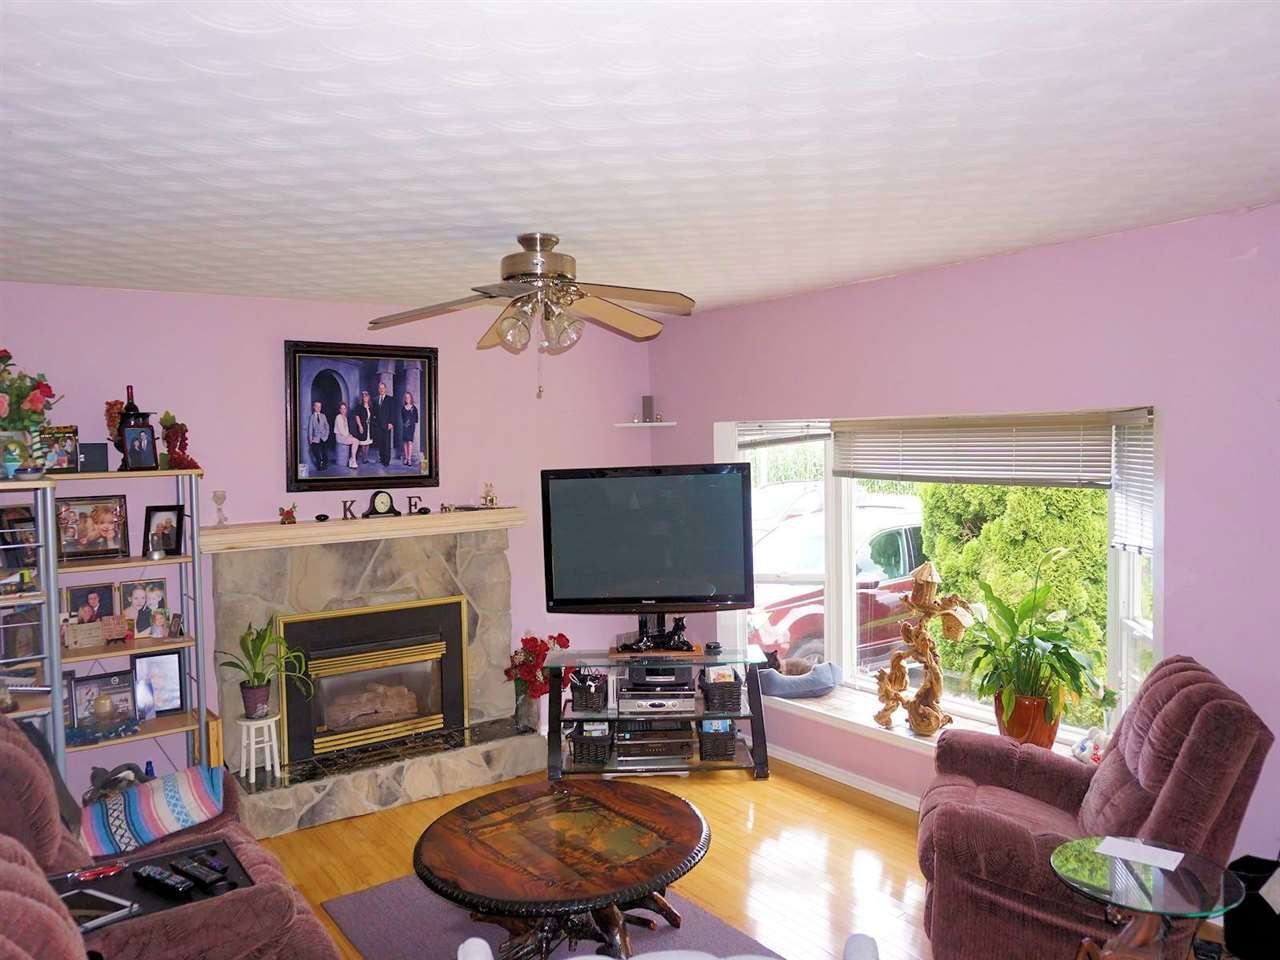 """Photo 10: Photos: 10405 MCGRATH Road in Rosedale: Rosedale Popkum House for sale in """"ROSEDALE POPKUM"""" : MLS®# R2093180"""